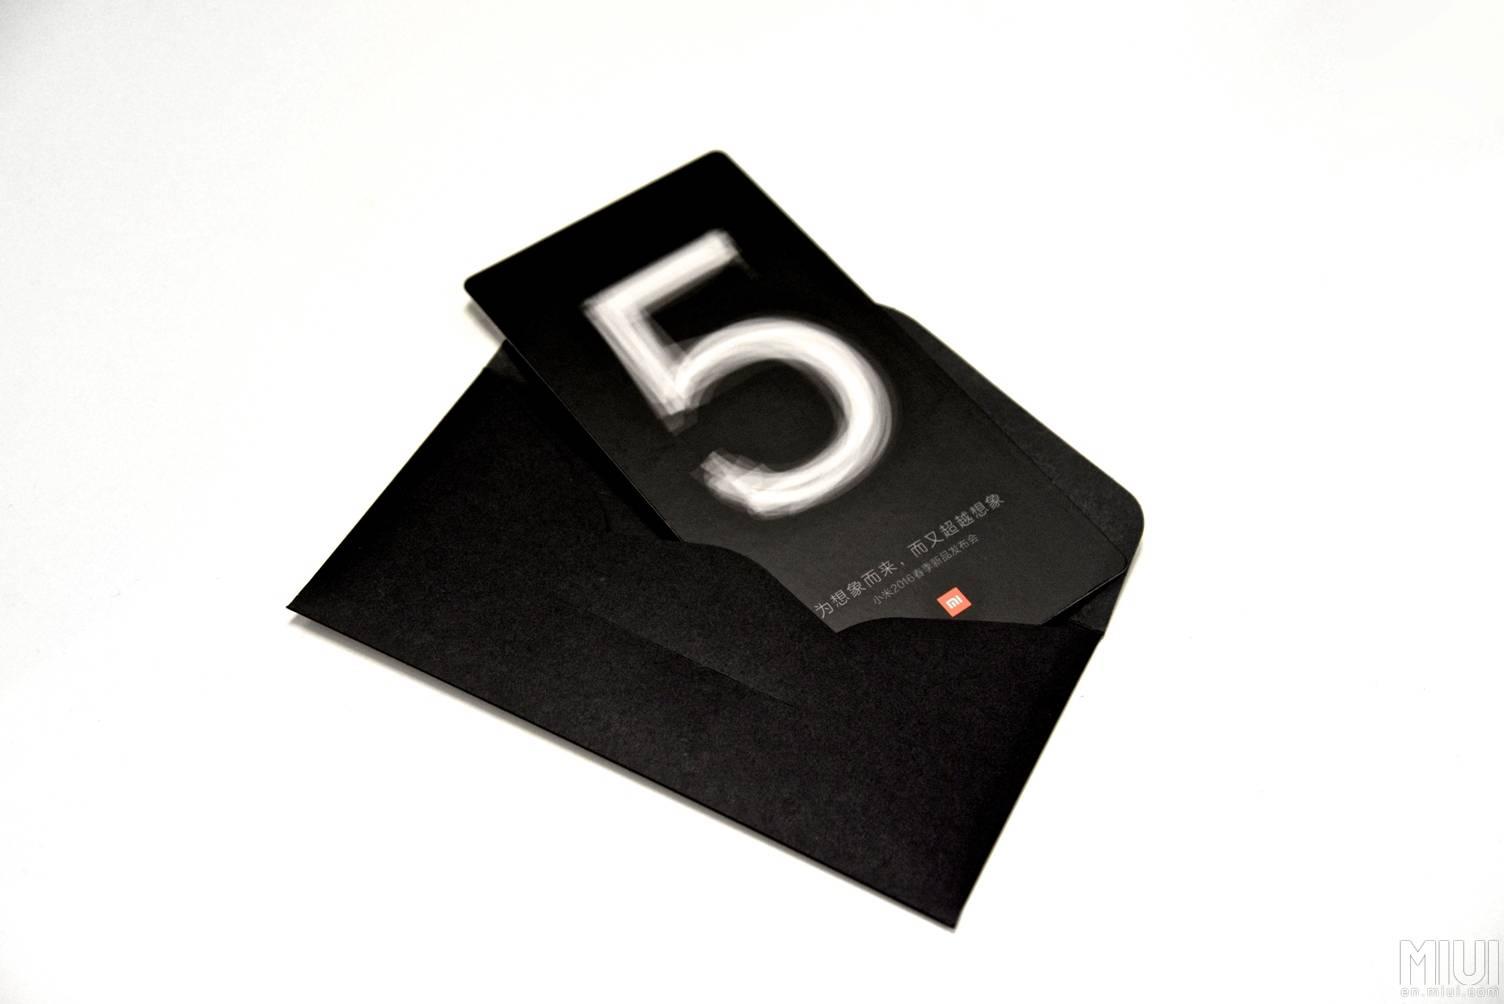 Xiaomi Mi 5 invitation 4